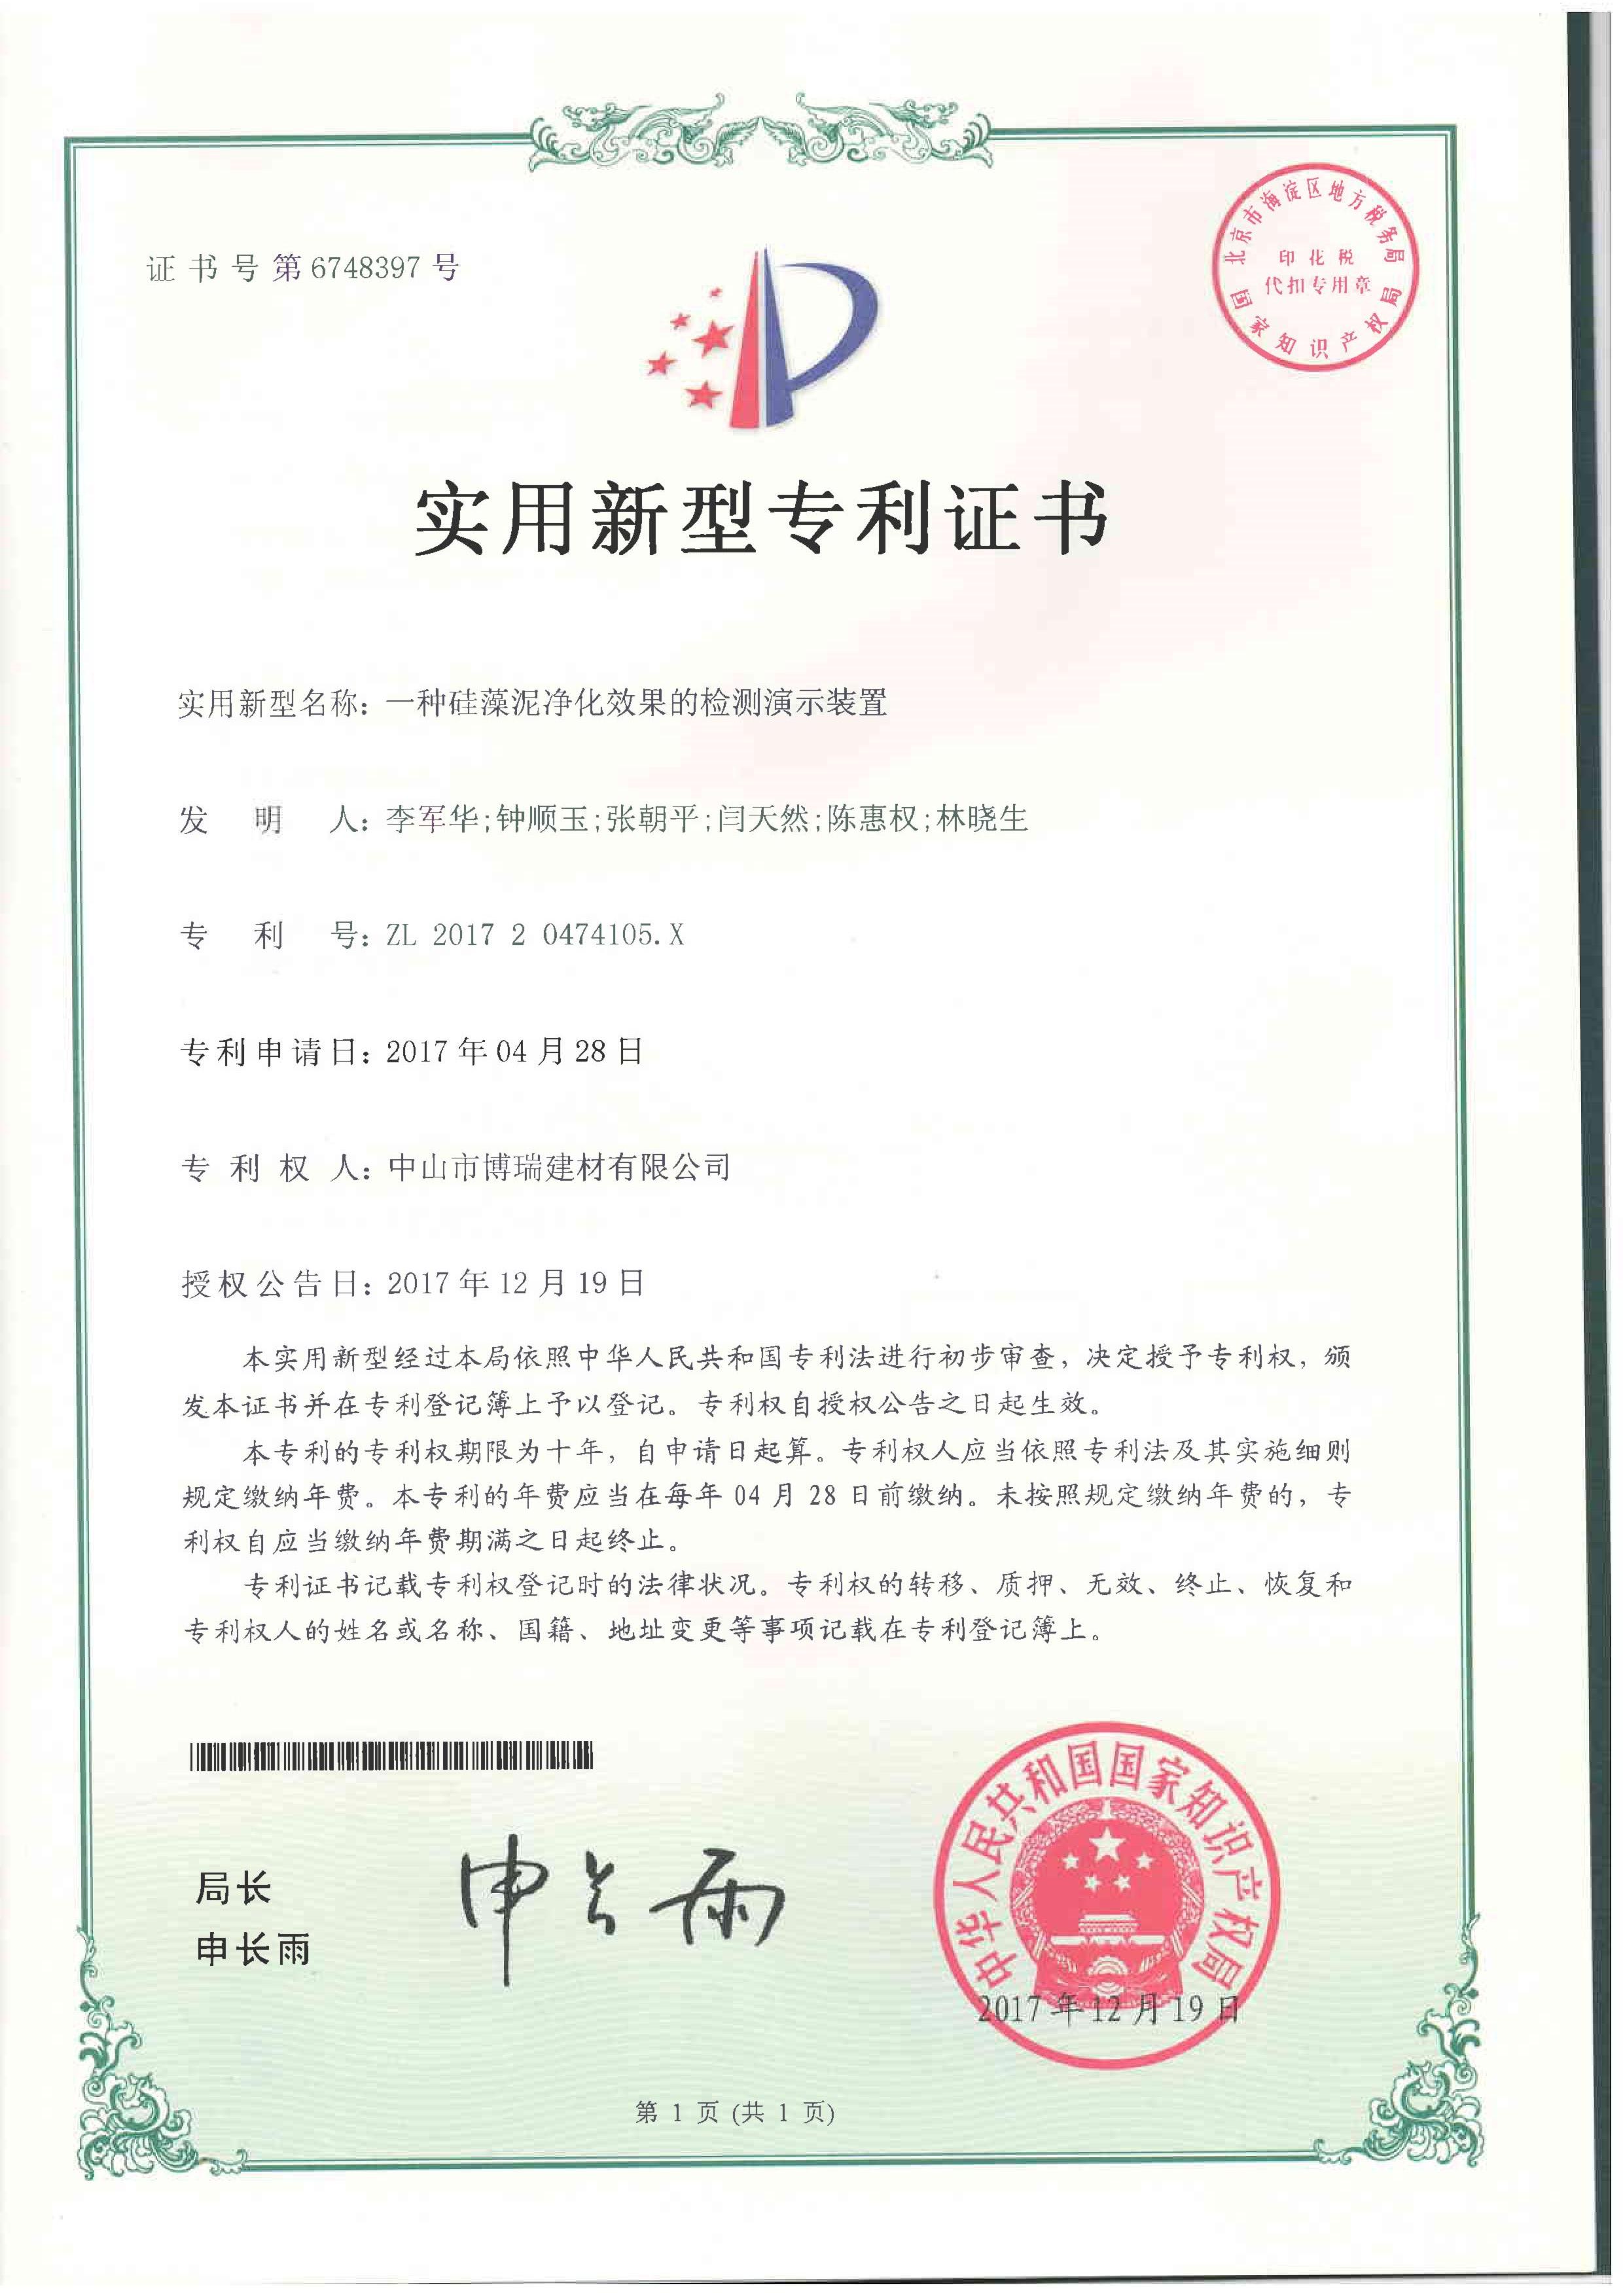 一种硅藻泥精华效果的检测演示装置专利